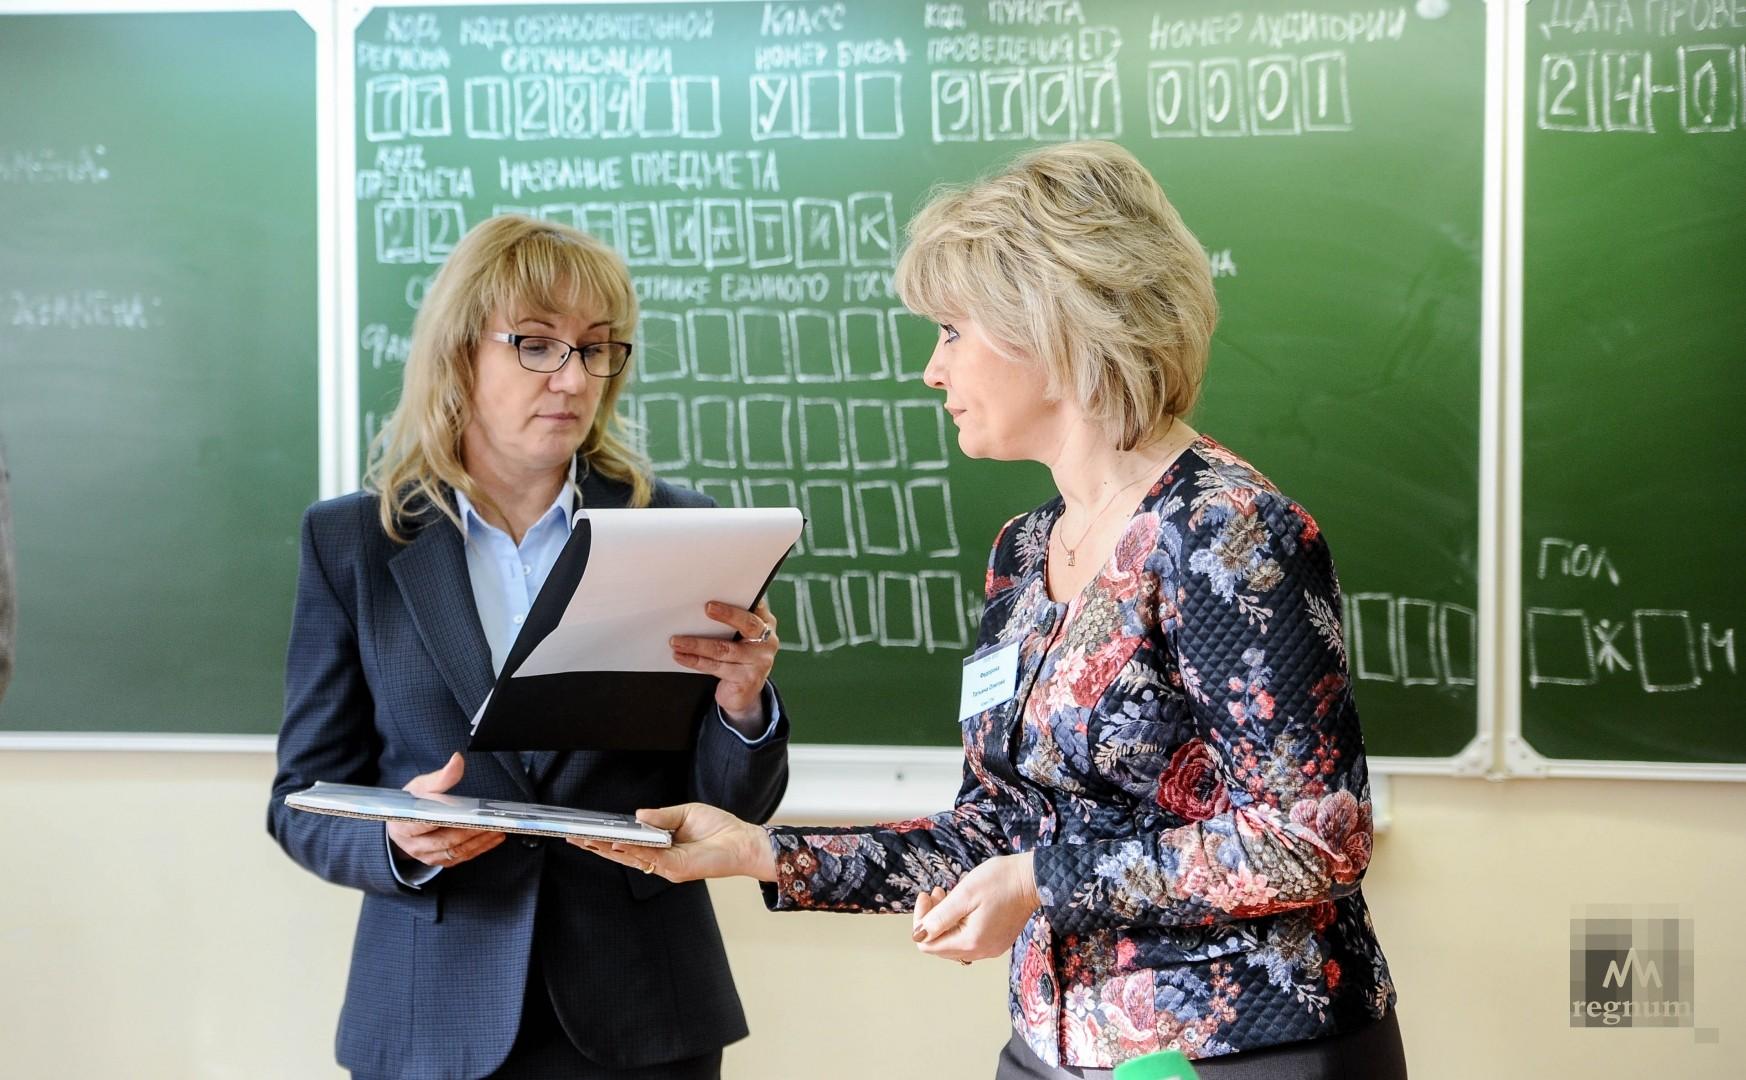 Для учителей предусмотрена компенсация за проведение итоговой госаттестации